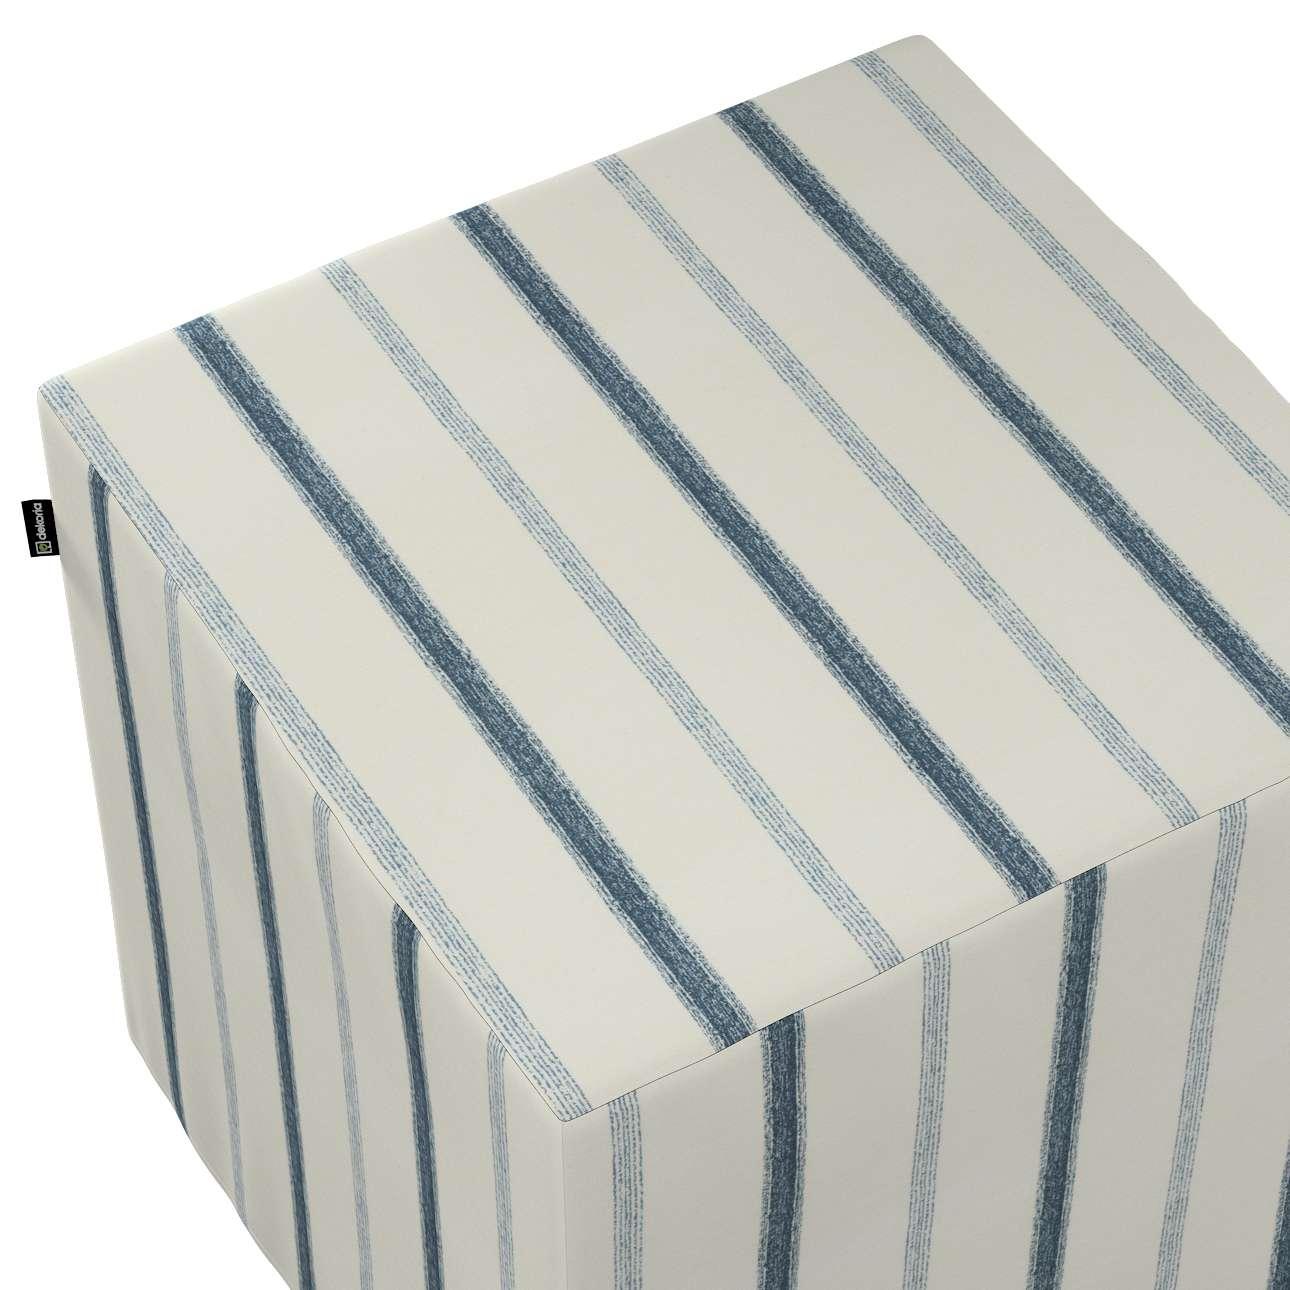 Pokrowiec na pufę kostkę w kolekcji Avinon, tkanina: 129-66